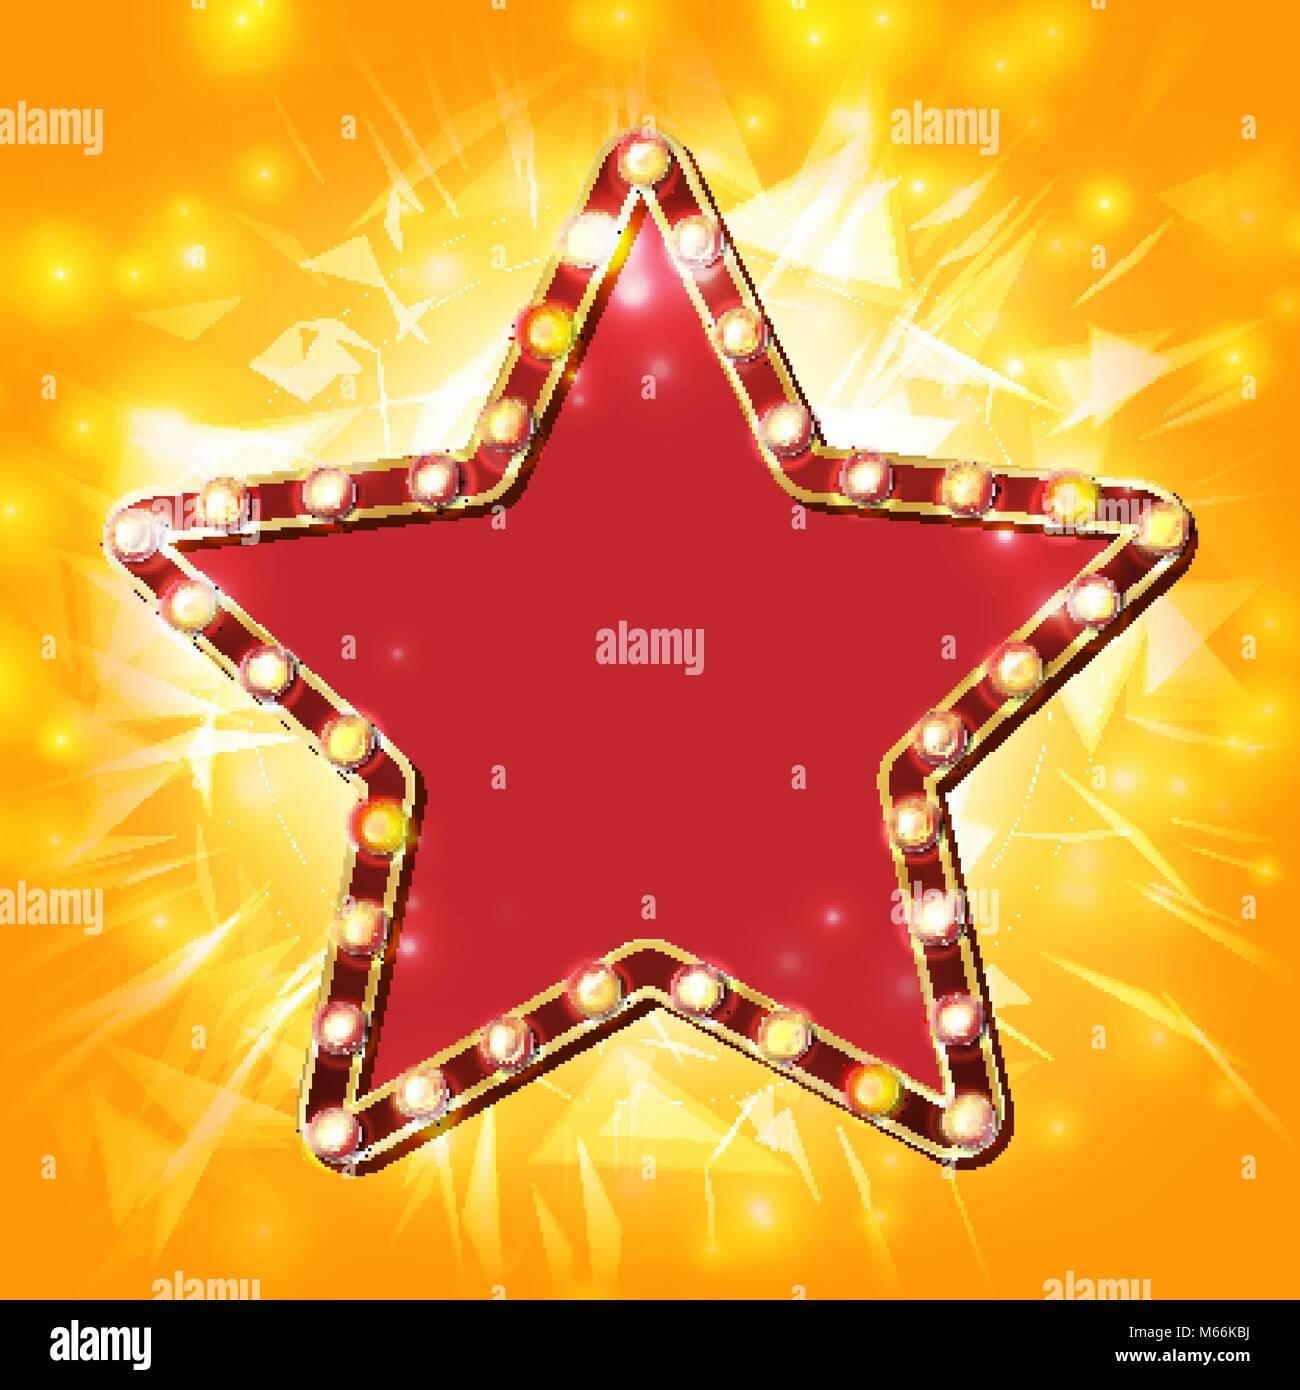 Gold Frame Award Stock Photos & Gold Frame Award Stock Images - Alamy